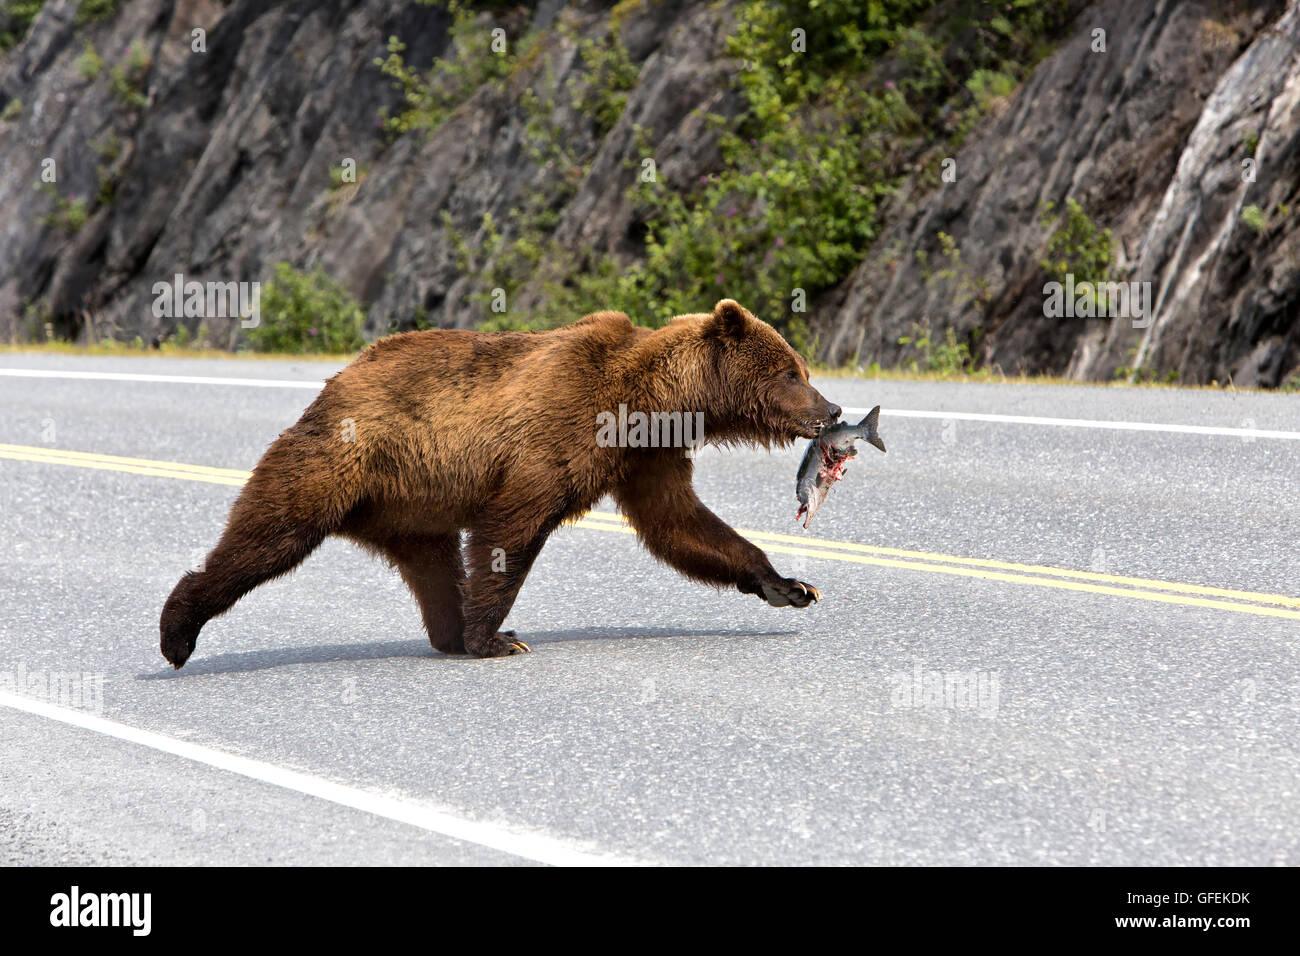 Giovane maschio Orso grizzly portante di attraversamento di salmone Alaska statale. Immagini Stock